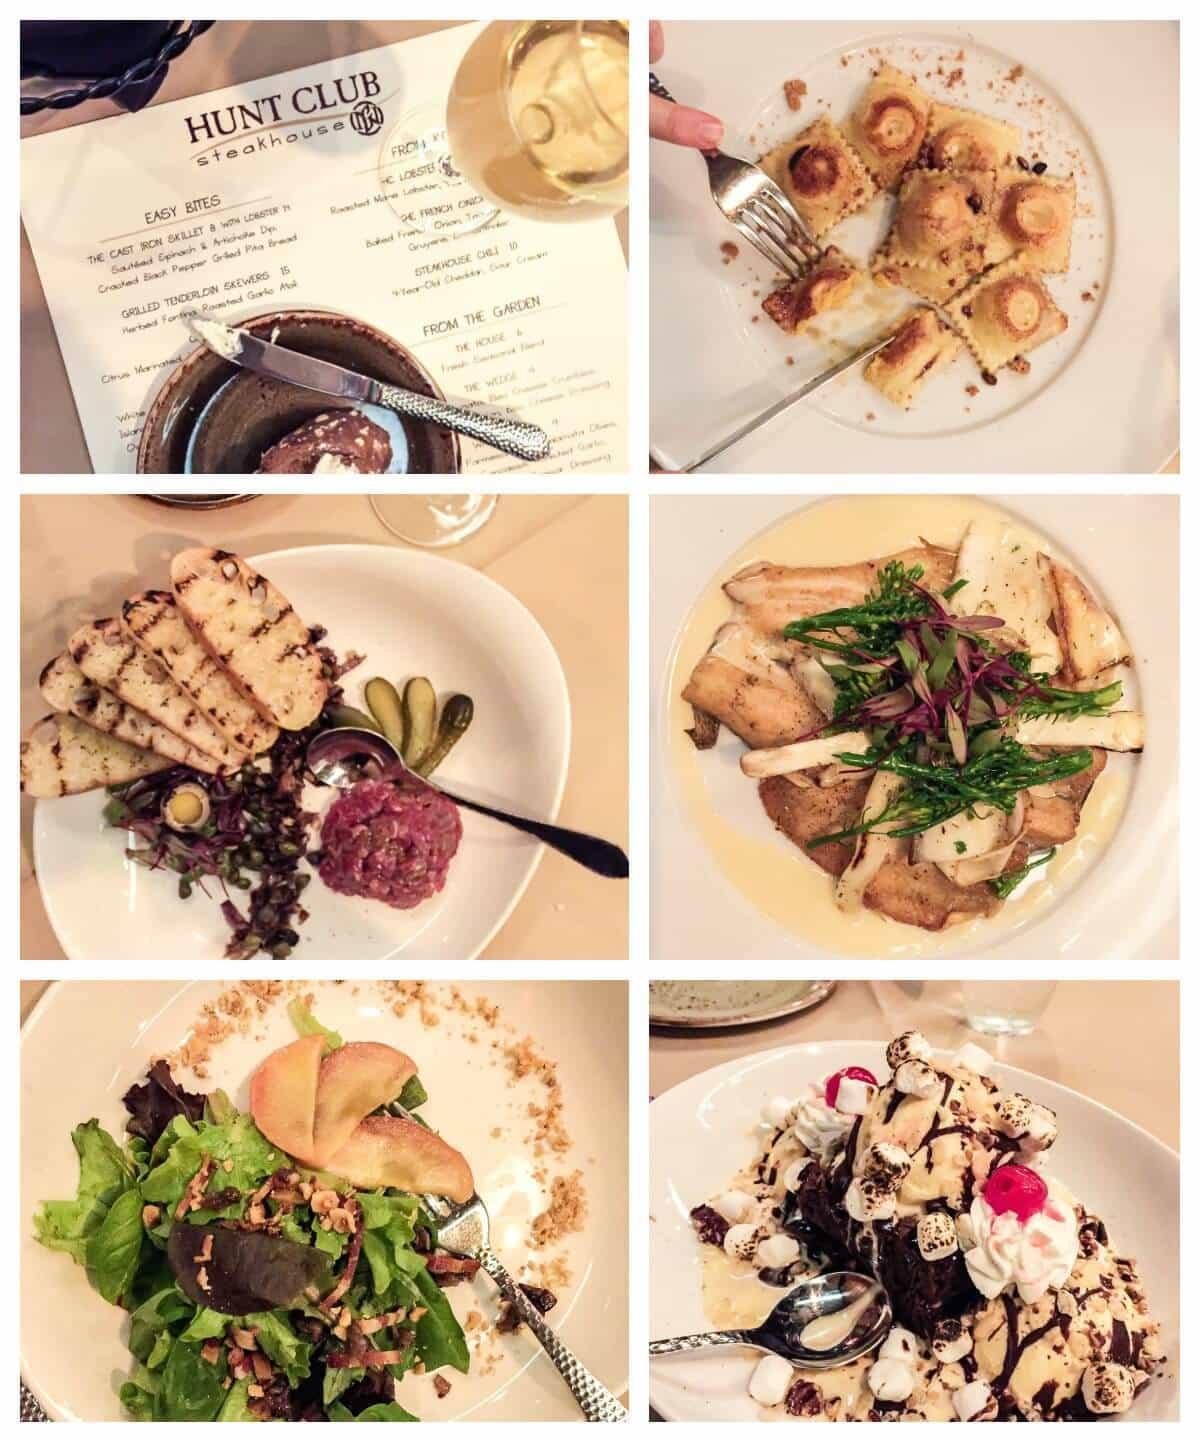 Dinner at the Hunt Club Steakhouse in Lake Geneva. One of the best Lake Geneva restaurants!